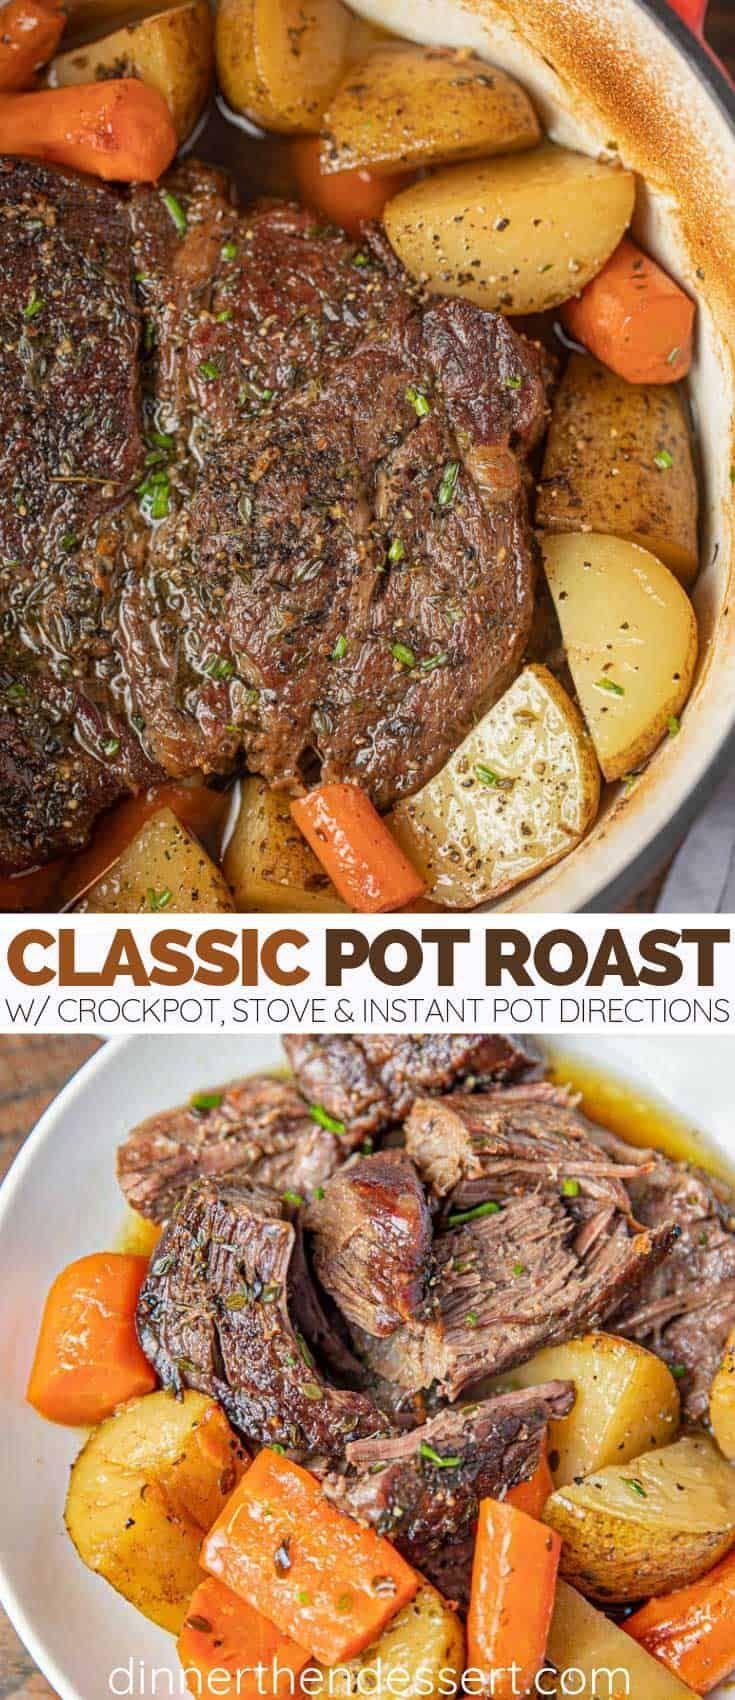 Classic Pot Roast ist ein Genussmittel von seiner besten Seite, das aus Kartoffeln und Karotten #easycomfortfood